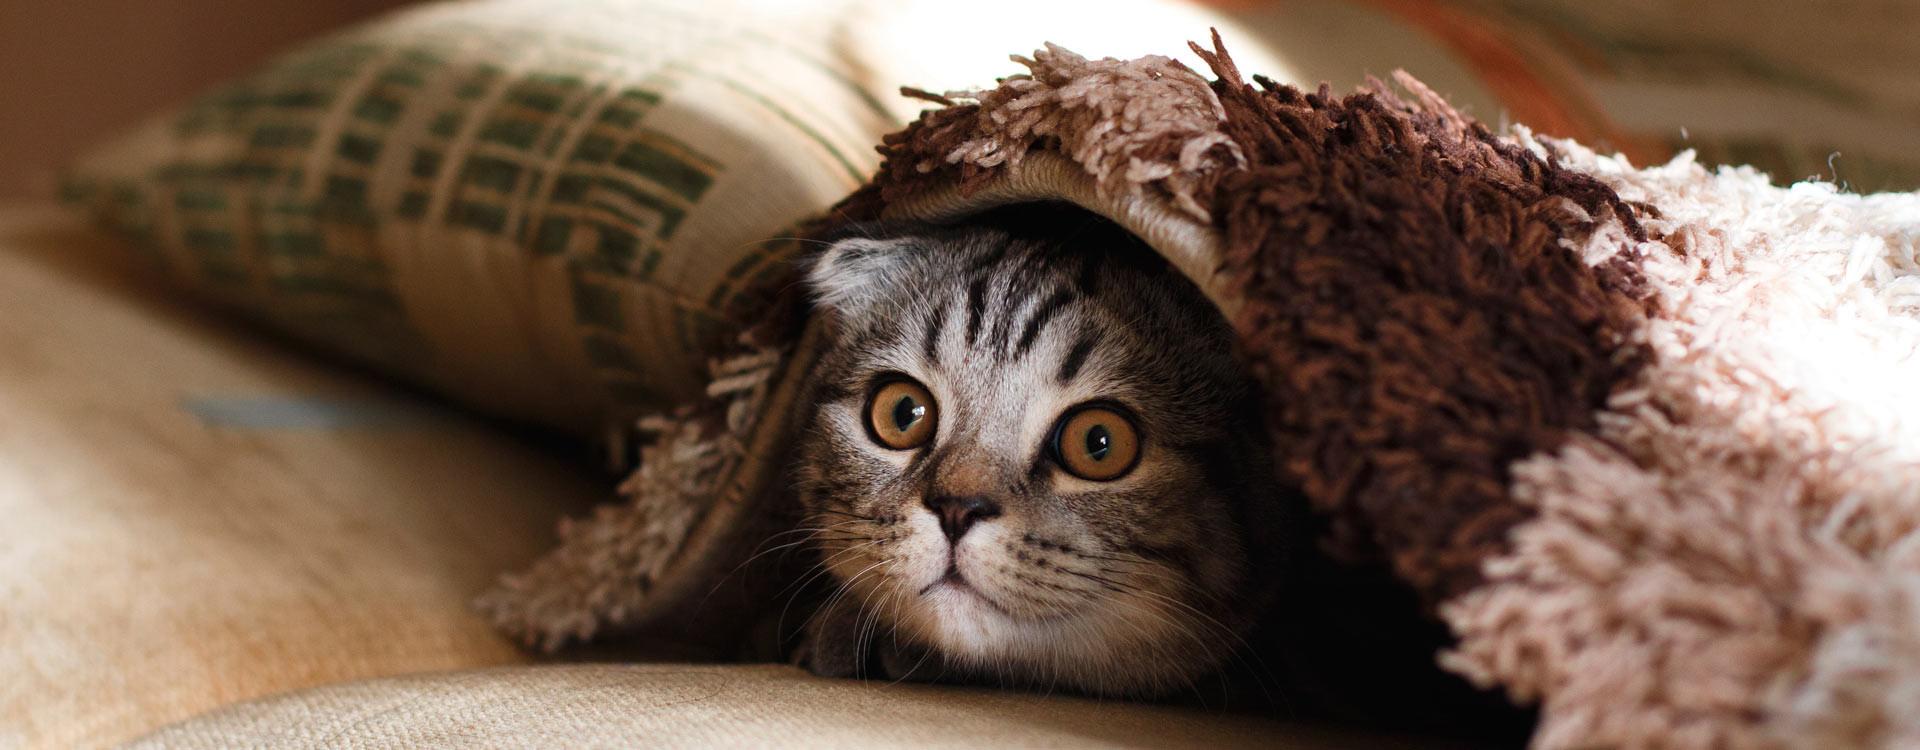 Comment faire si mon chat ou mon chaton n'est pas propre ?